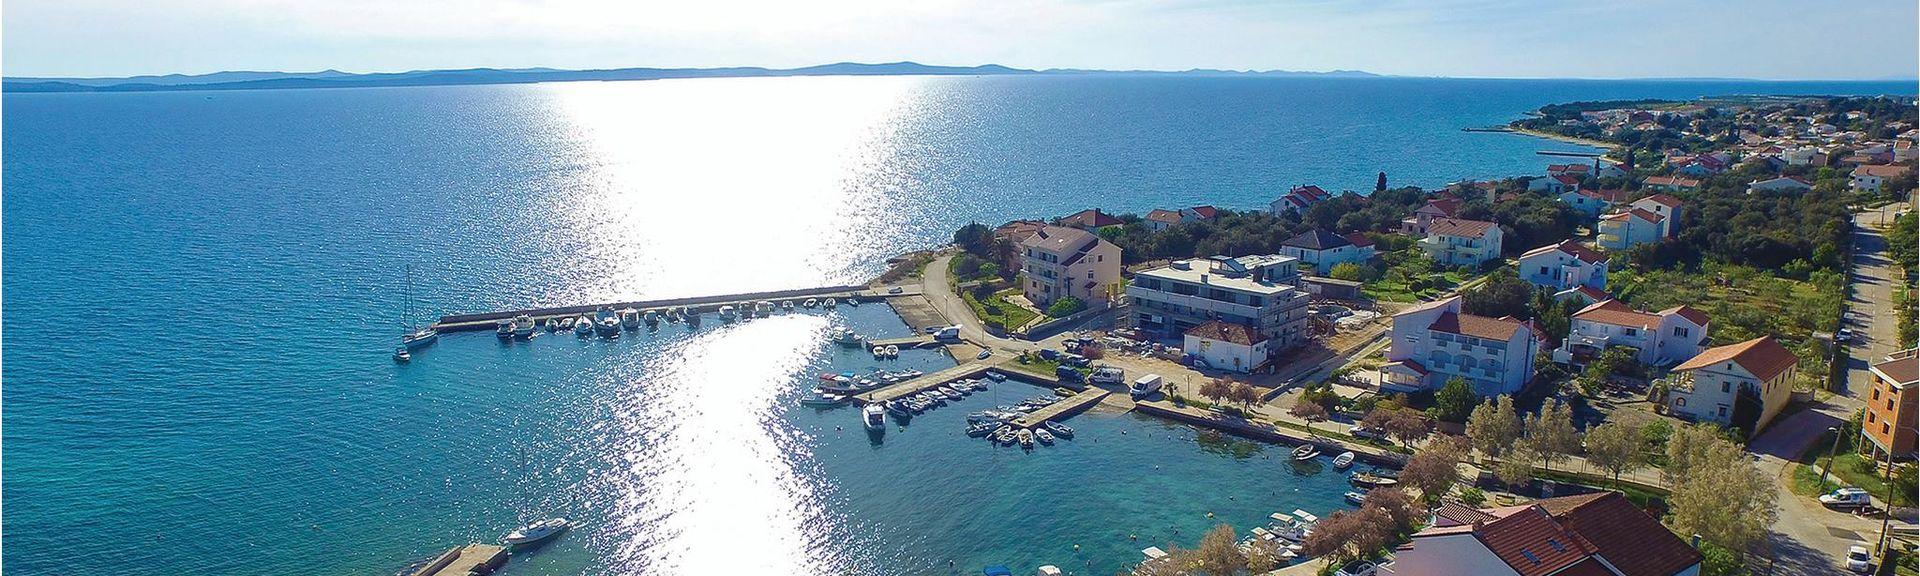 Zemunik Donji, Zadars län, Kroatien